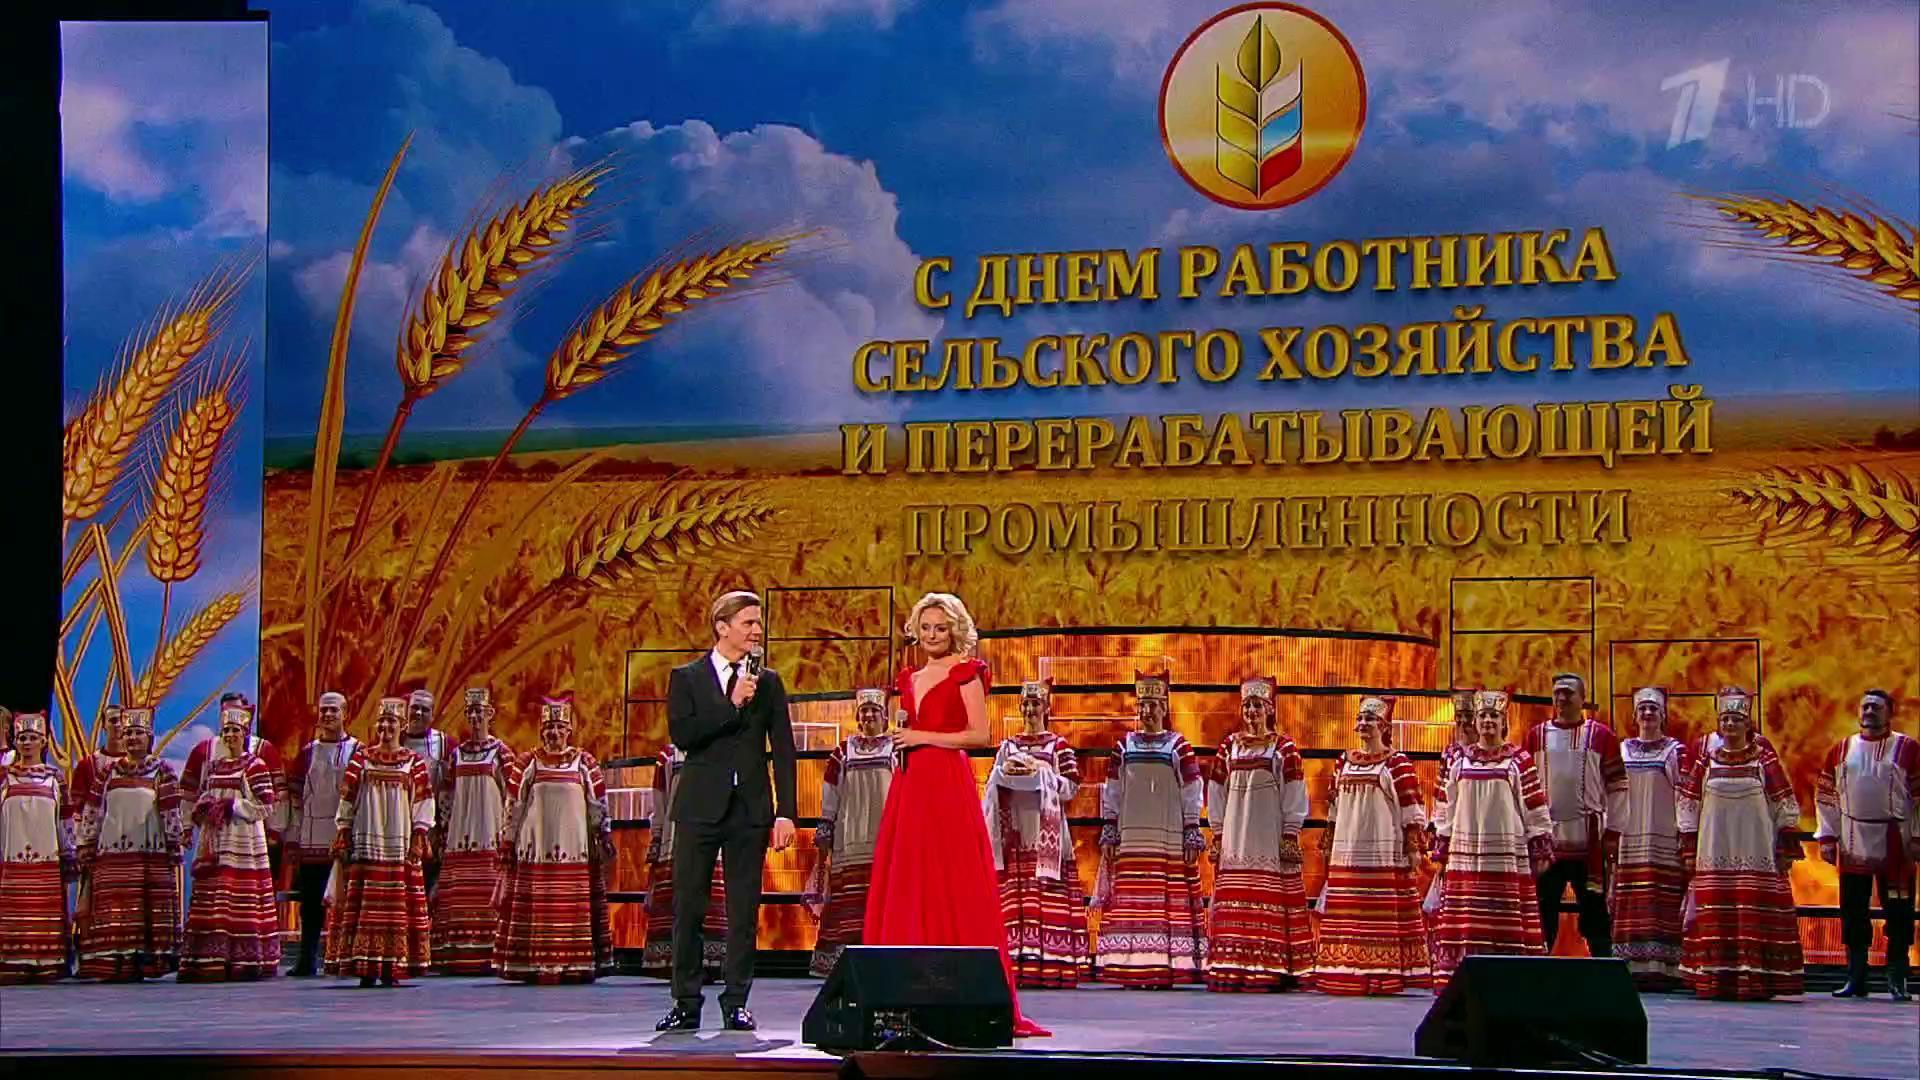 онлайн концерт в кремле день святого валентина 2016